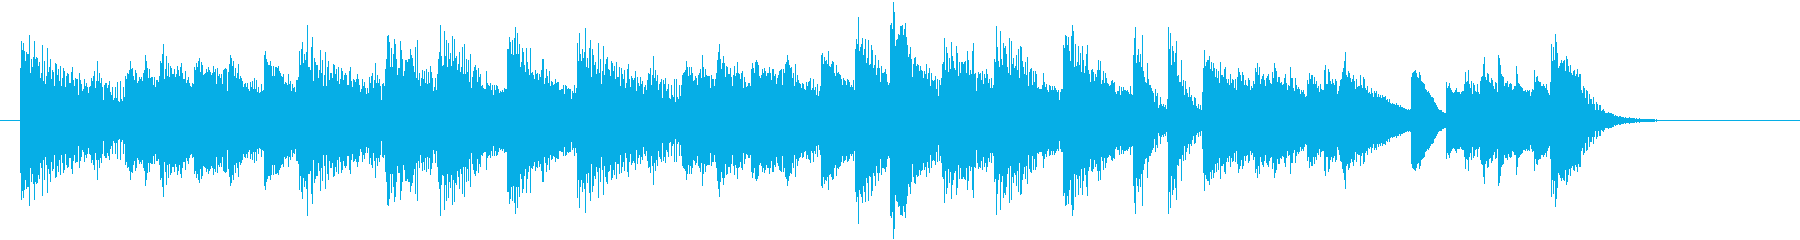 お正月・春の海モチーフのピアノジングルFの再生済みの波形